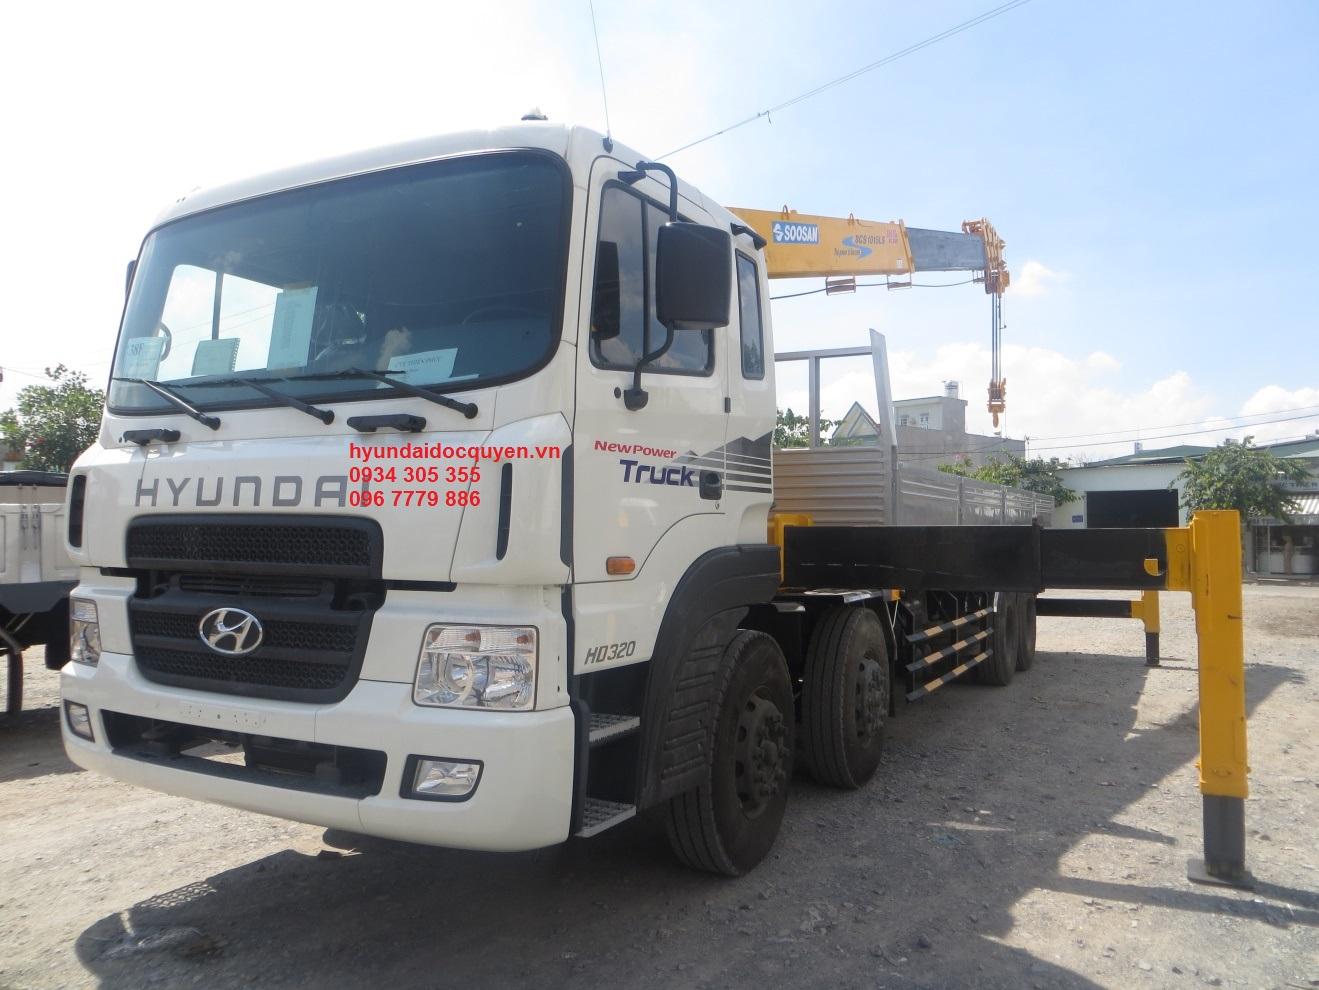 xe cẩu hyundai 10 tấn gắn cẩu tự hành soosan scs1015ls (1)